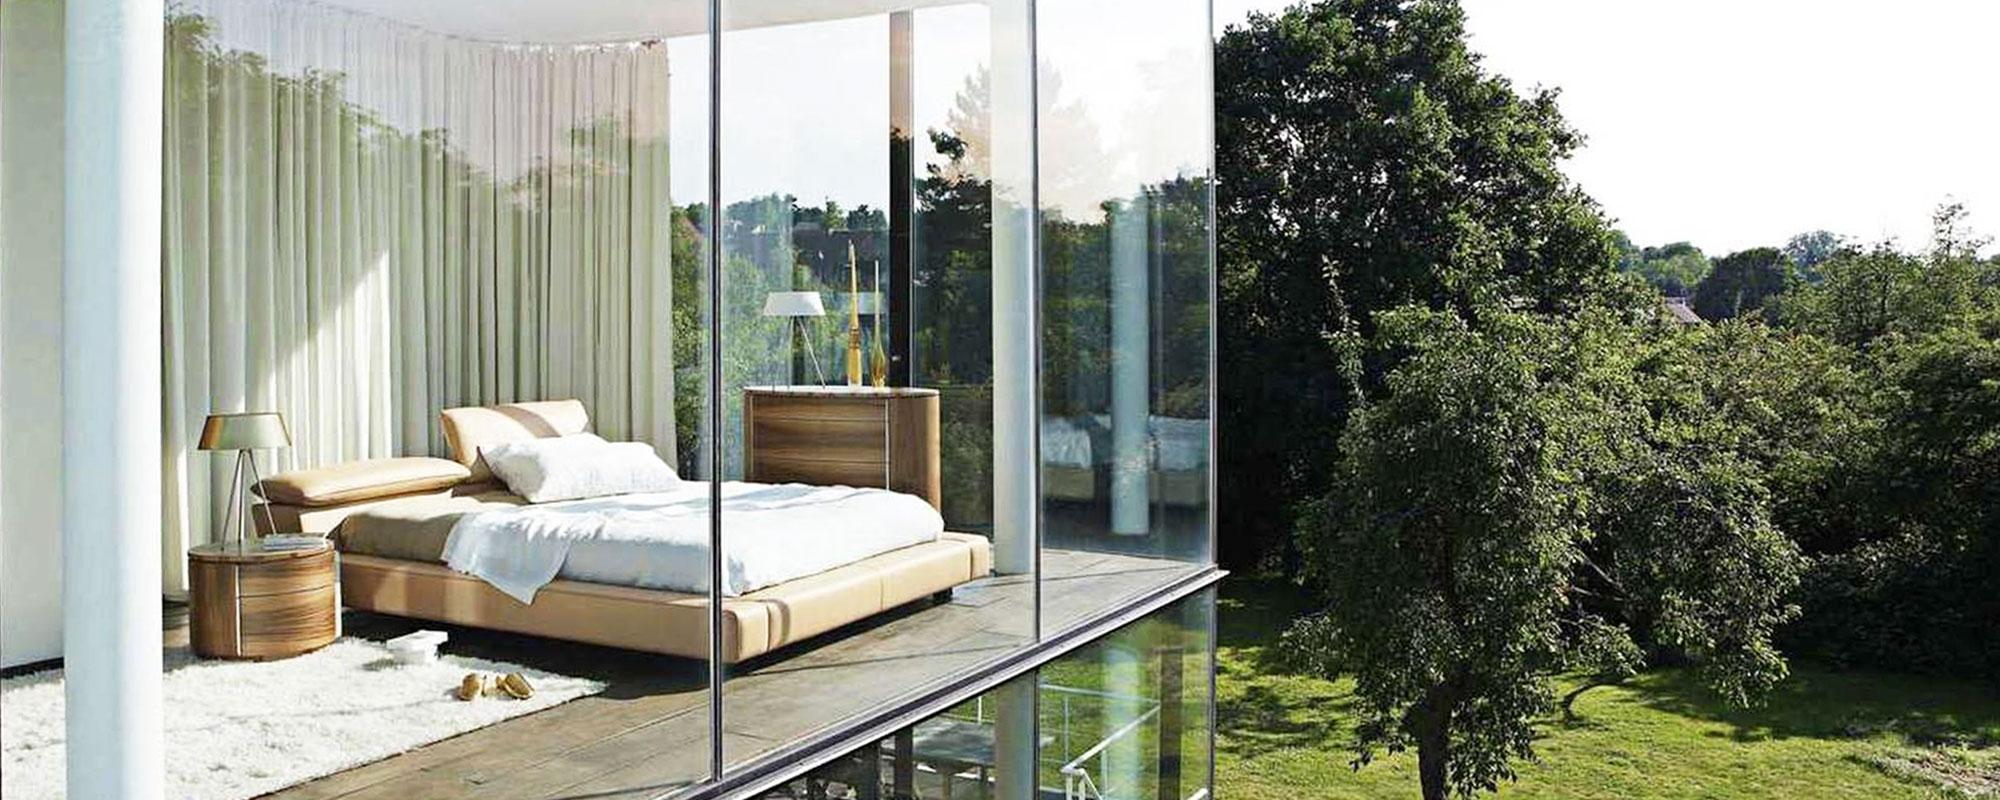 Панорамное остекление фасадов зданий и балконов